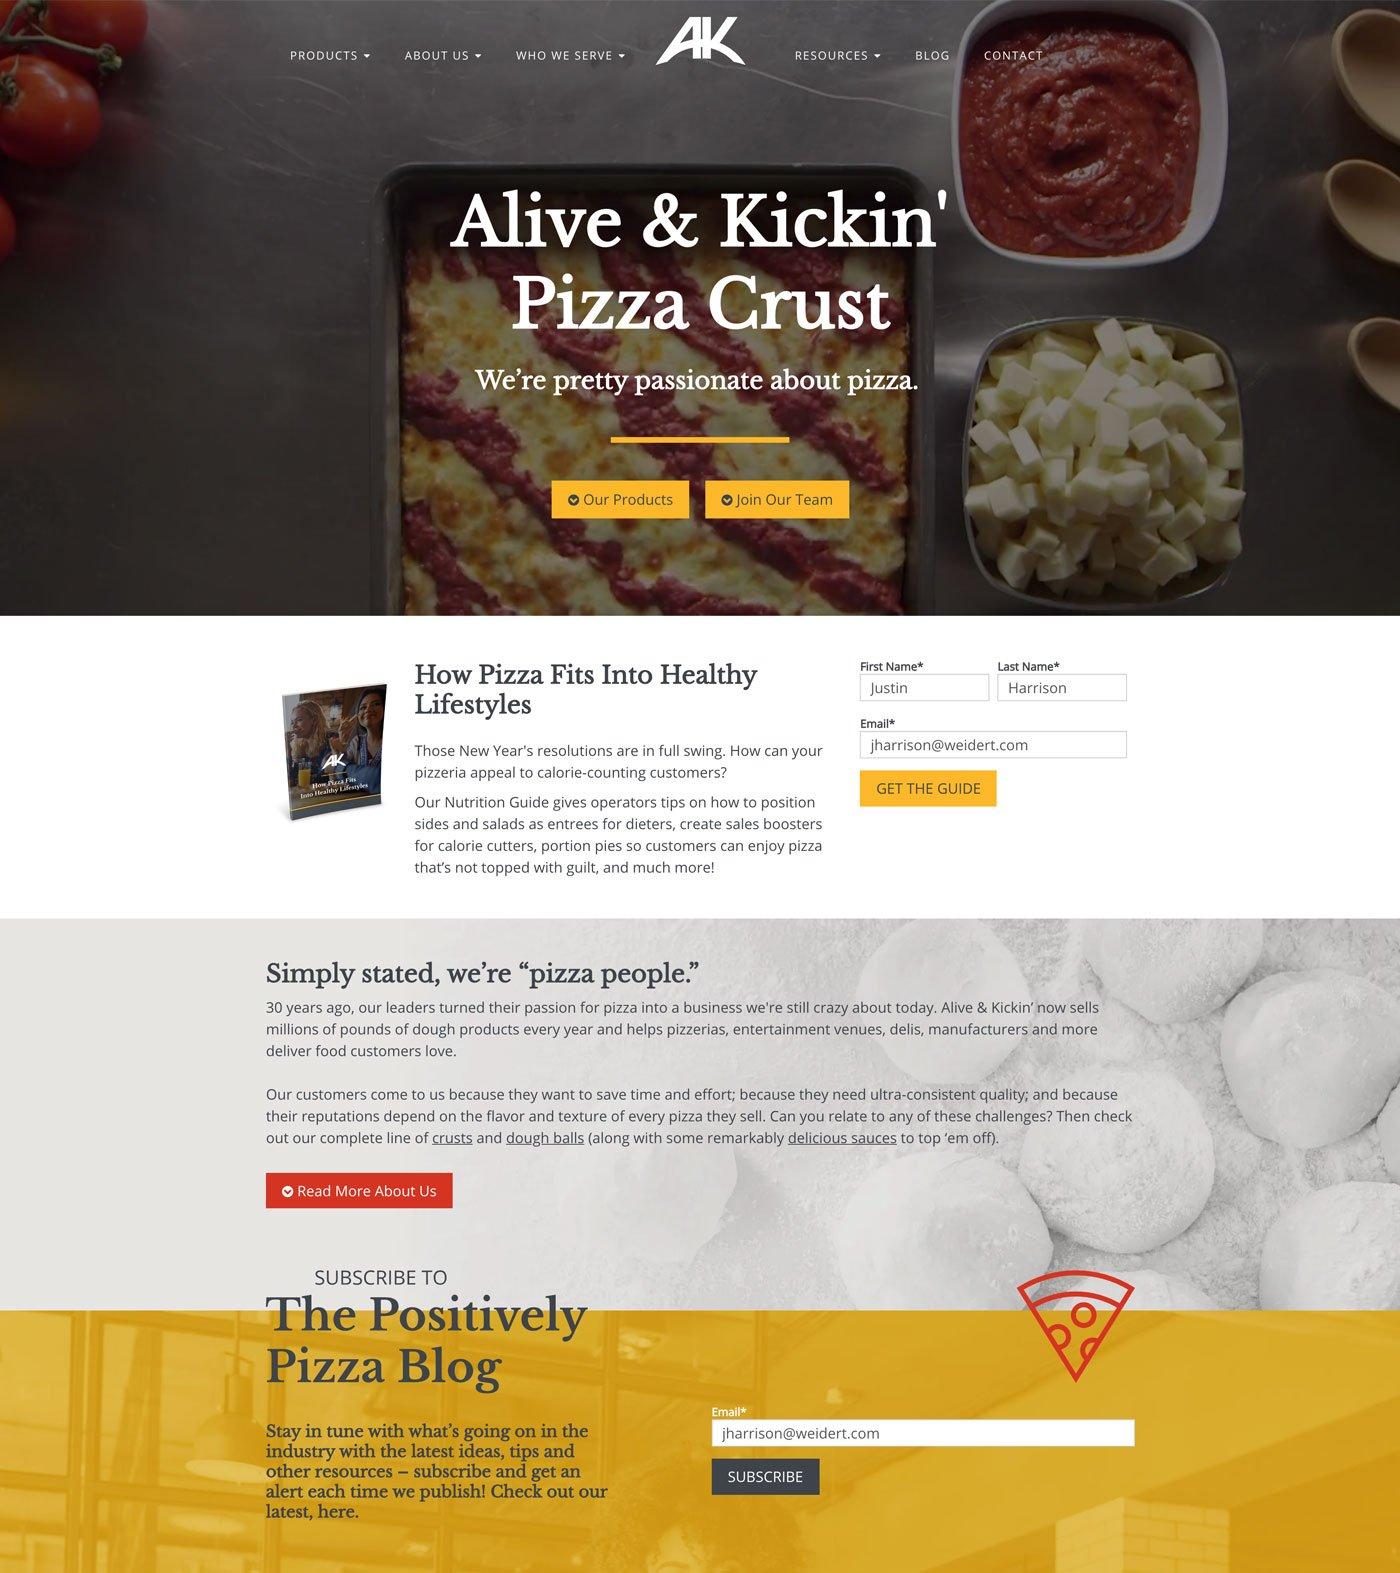 Alive & Kickin' home page